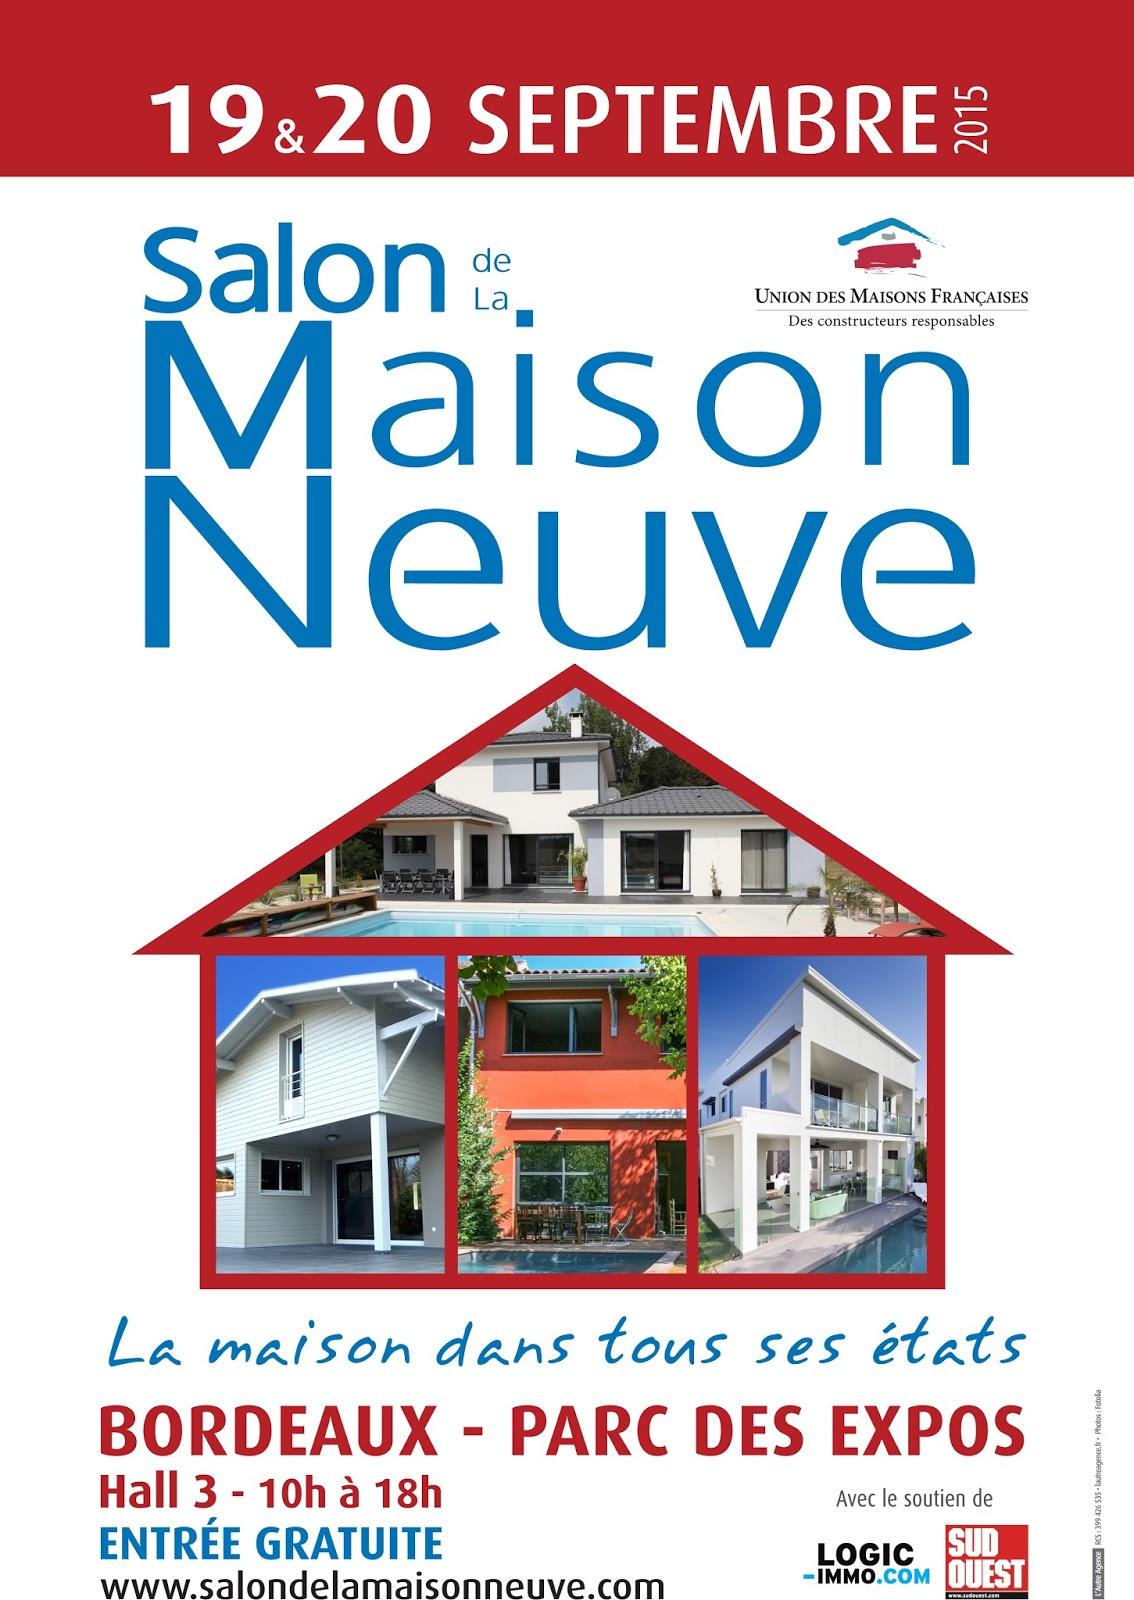 Actualit immobili re les 19 et 20 septembre le salon de for Salon de la maison neuve